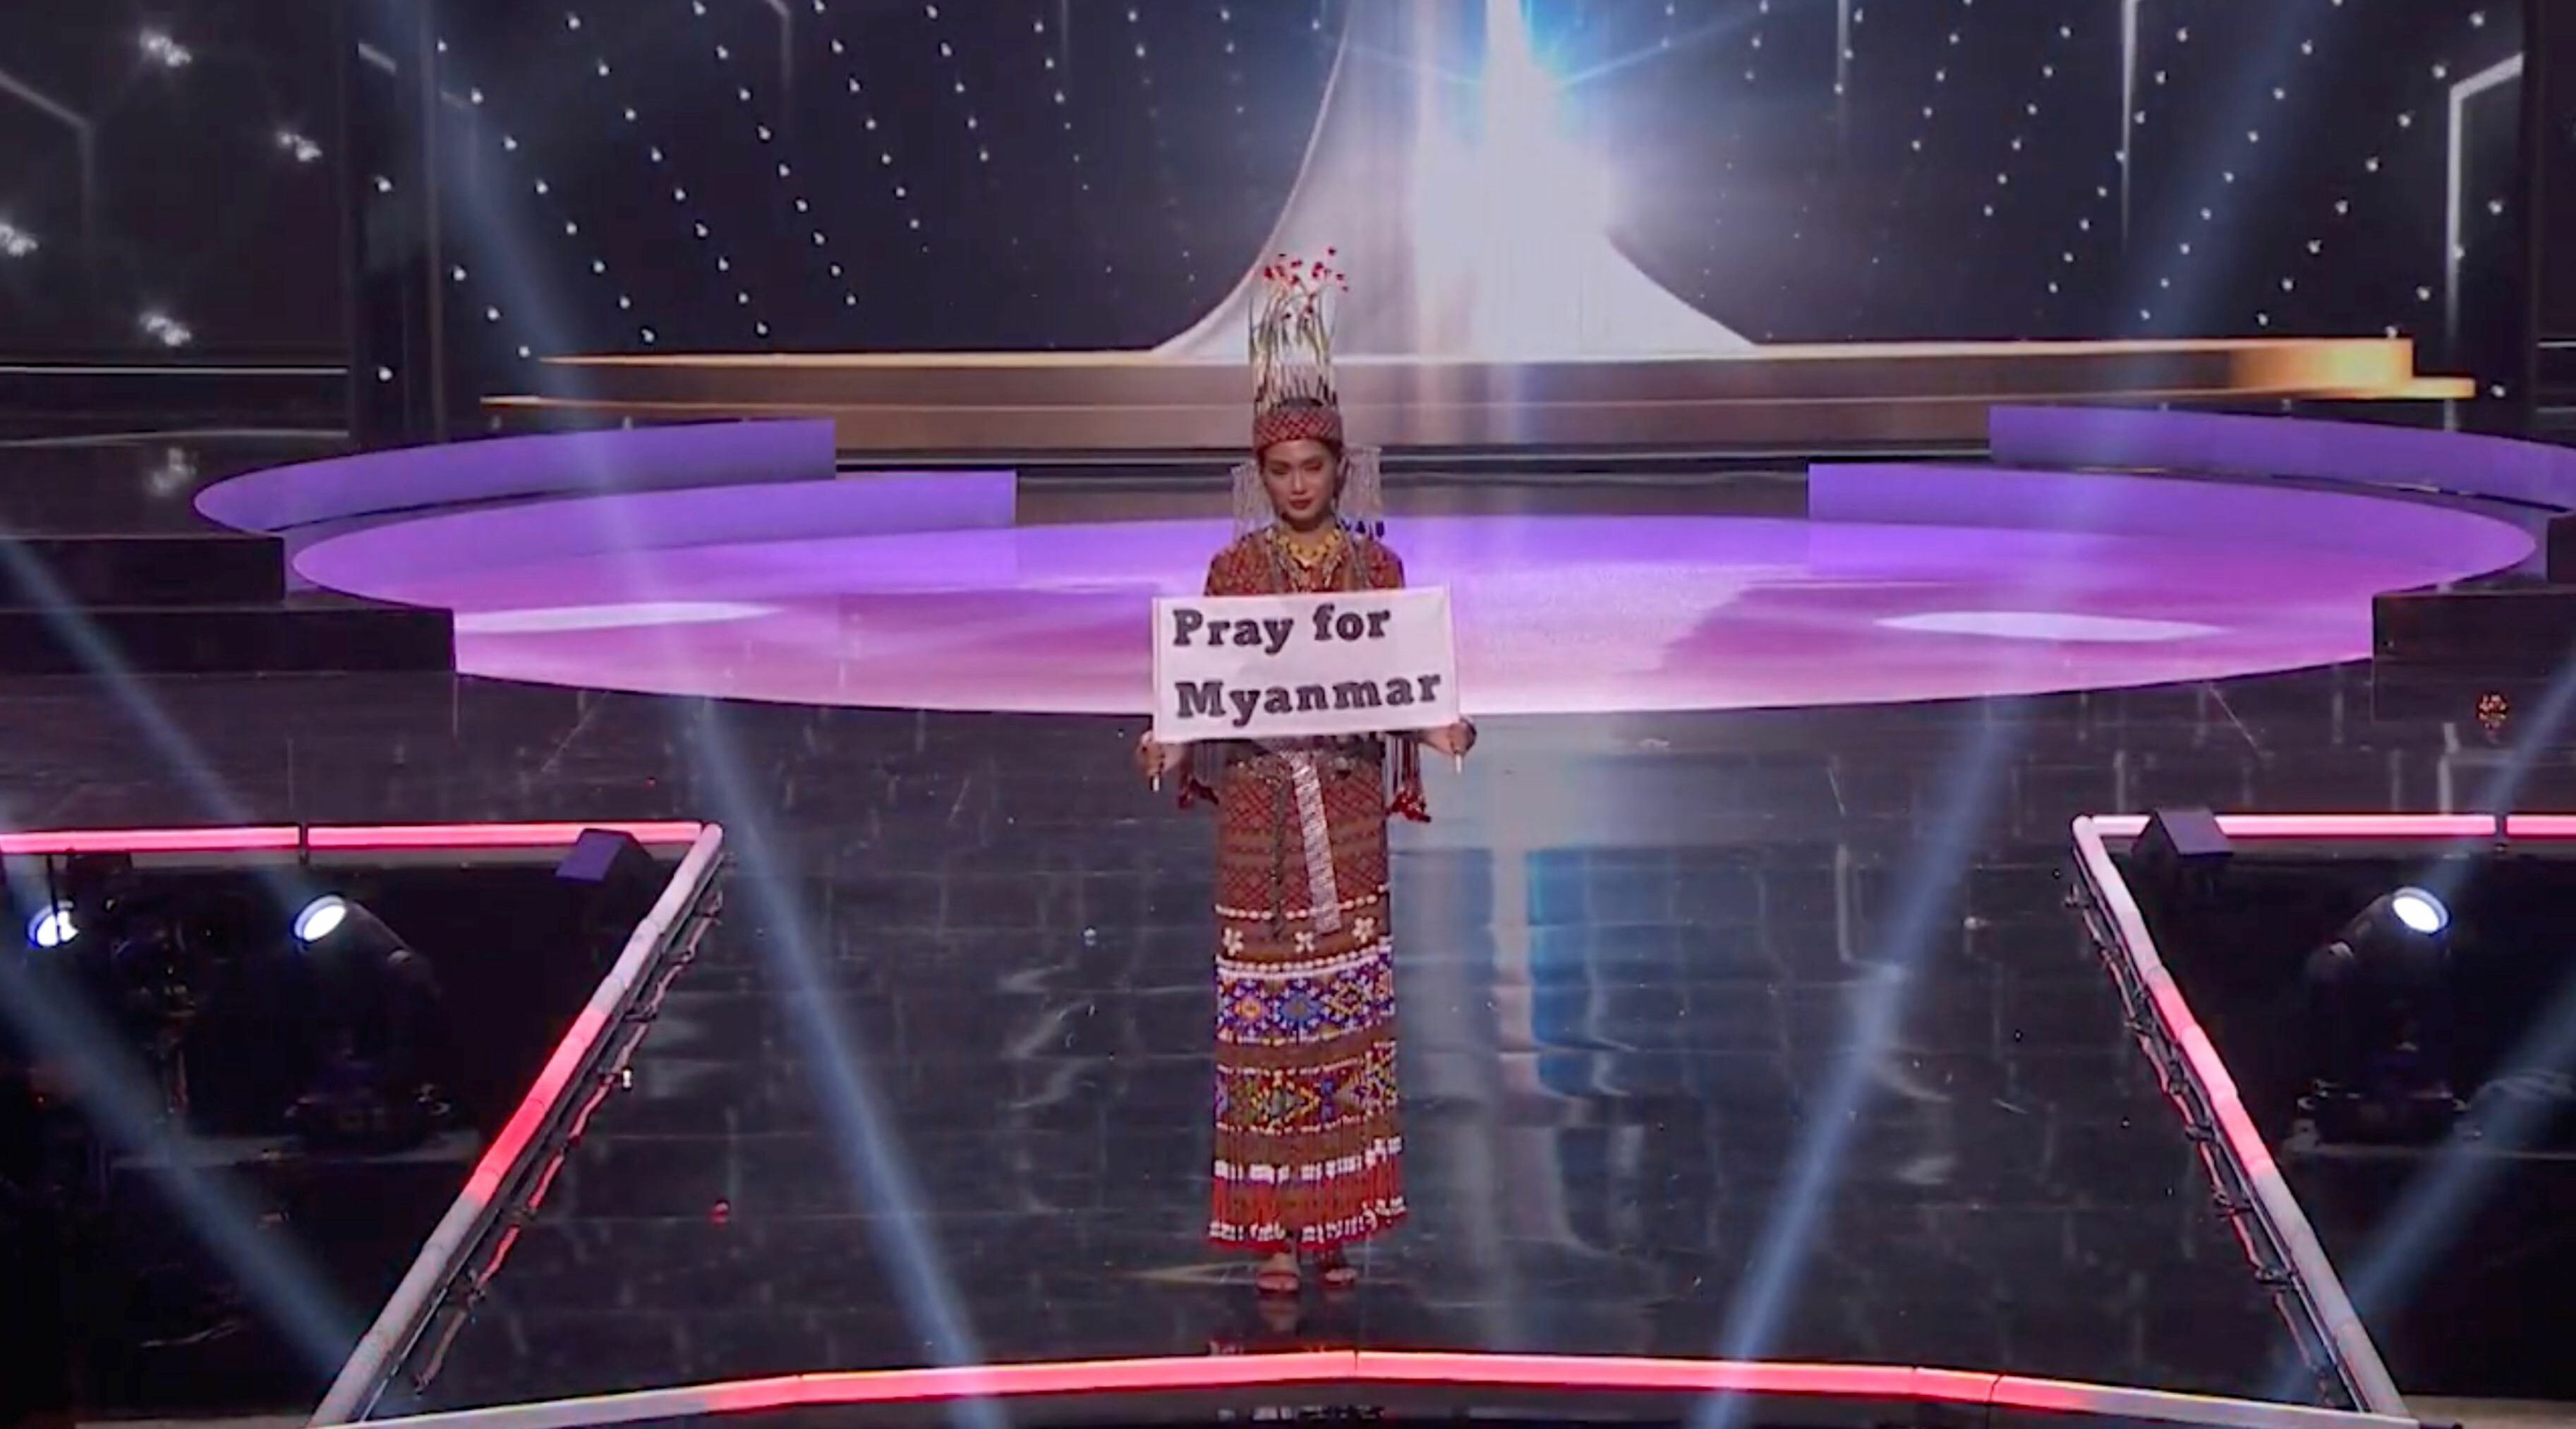 Thuzar Wint Lwin, yarışmanın 13 Mayıs'taki ulusal kostüm kategorisinde ise birinciliği kazandı, 'Myanmar için dua edin' yazılı pankart açtı.